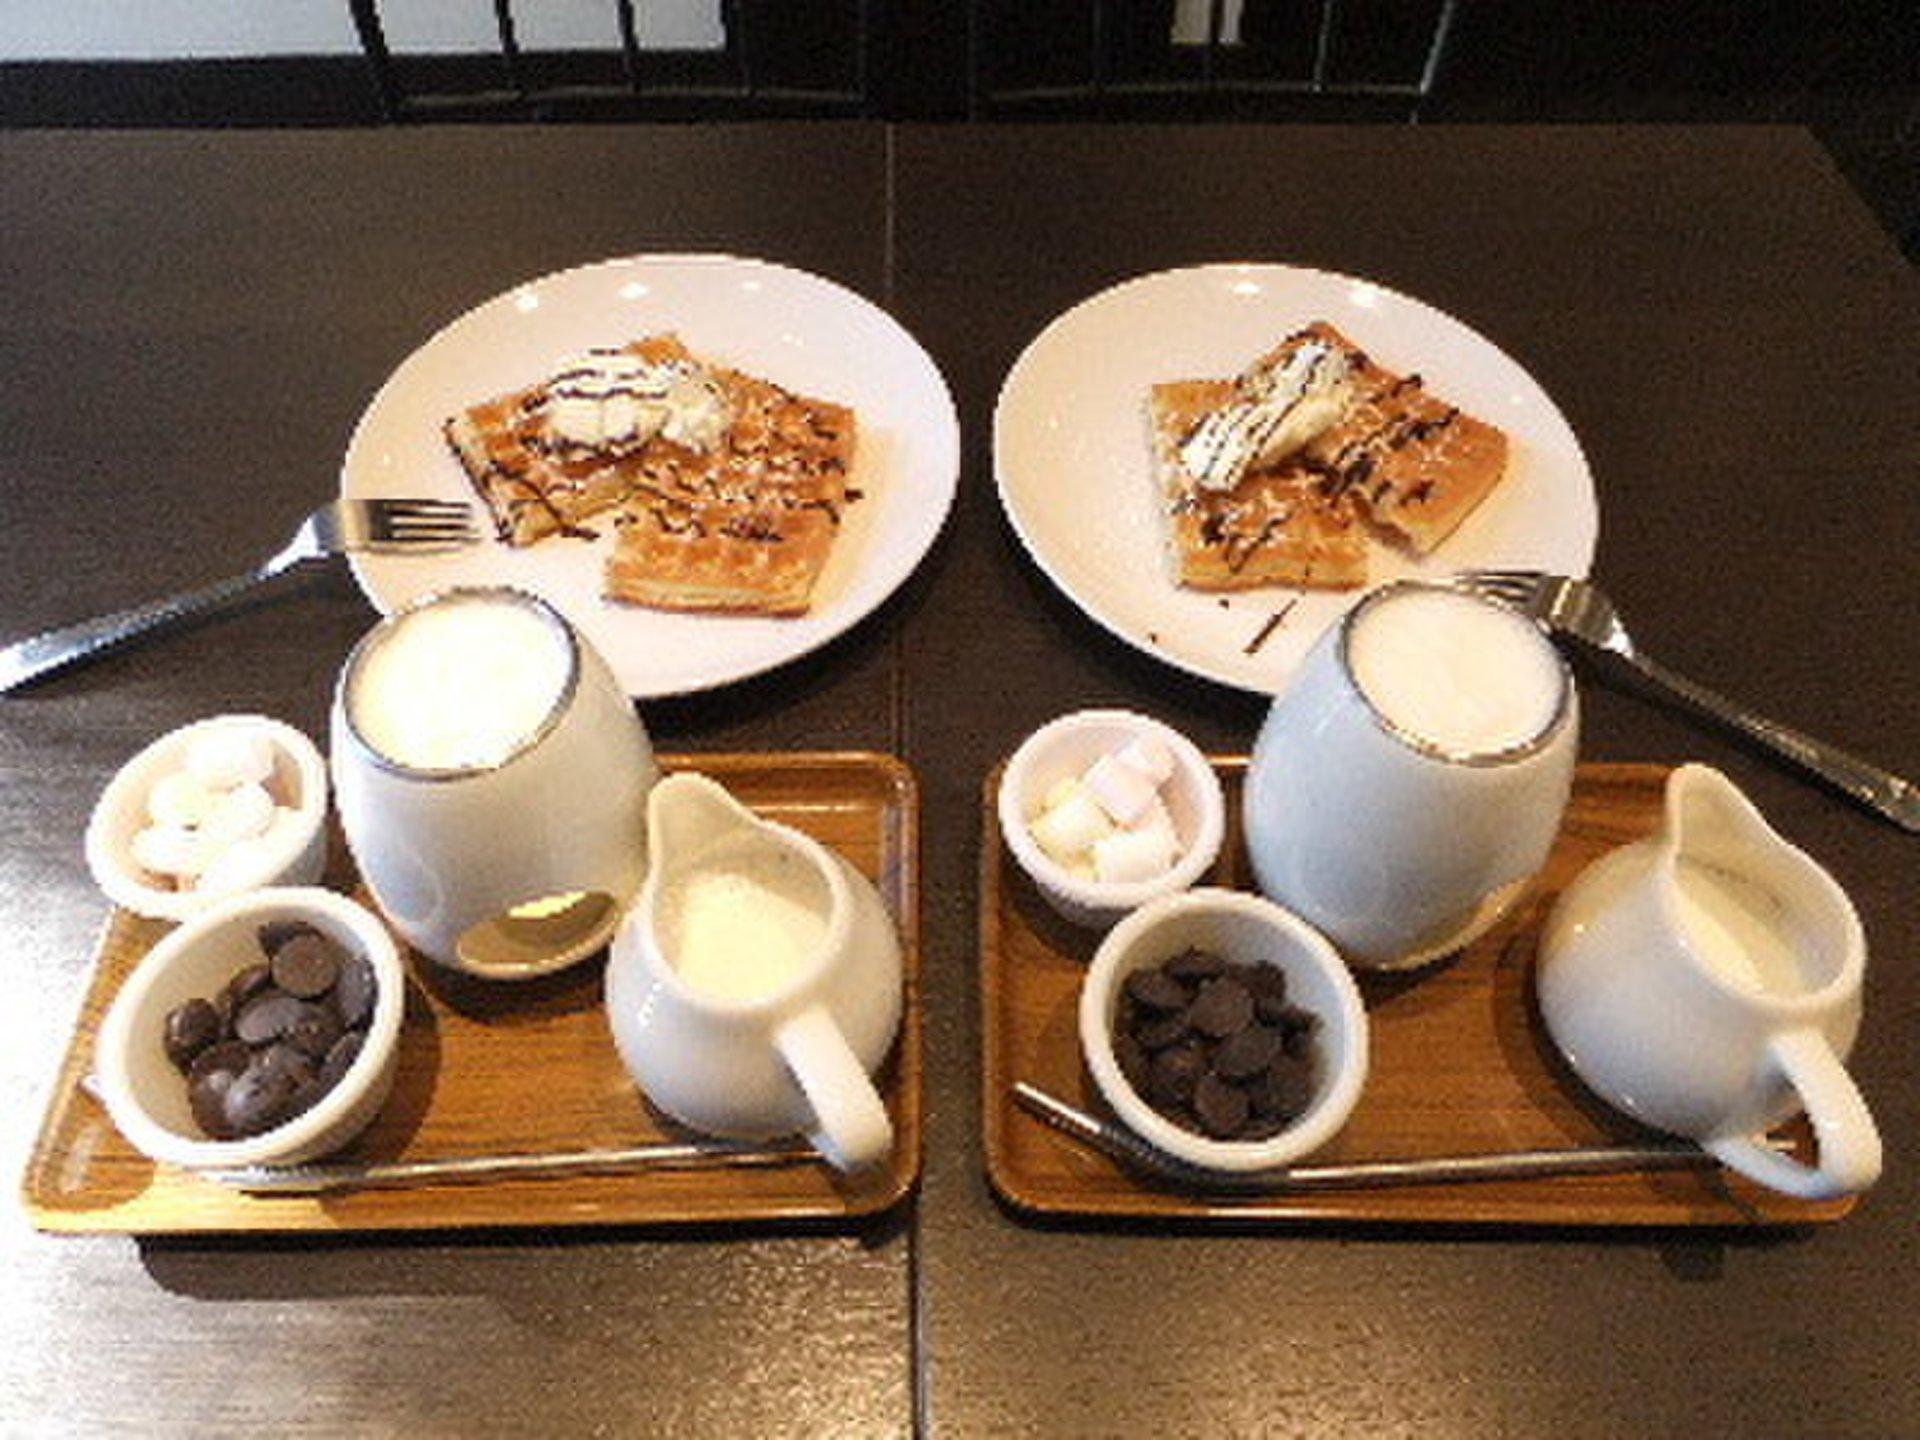 【代官山×カフェ】チョコレートの季節を先取り♡代官山のおしゃれな隠れチョコ専門カフェ